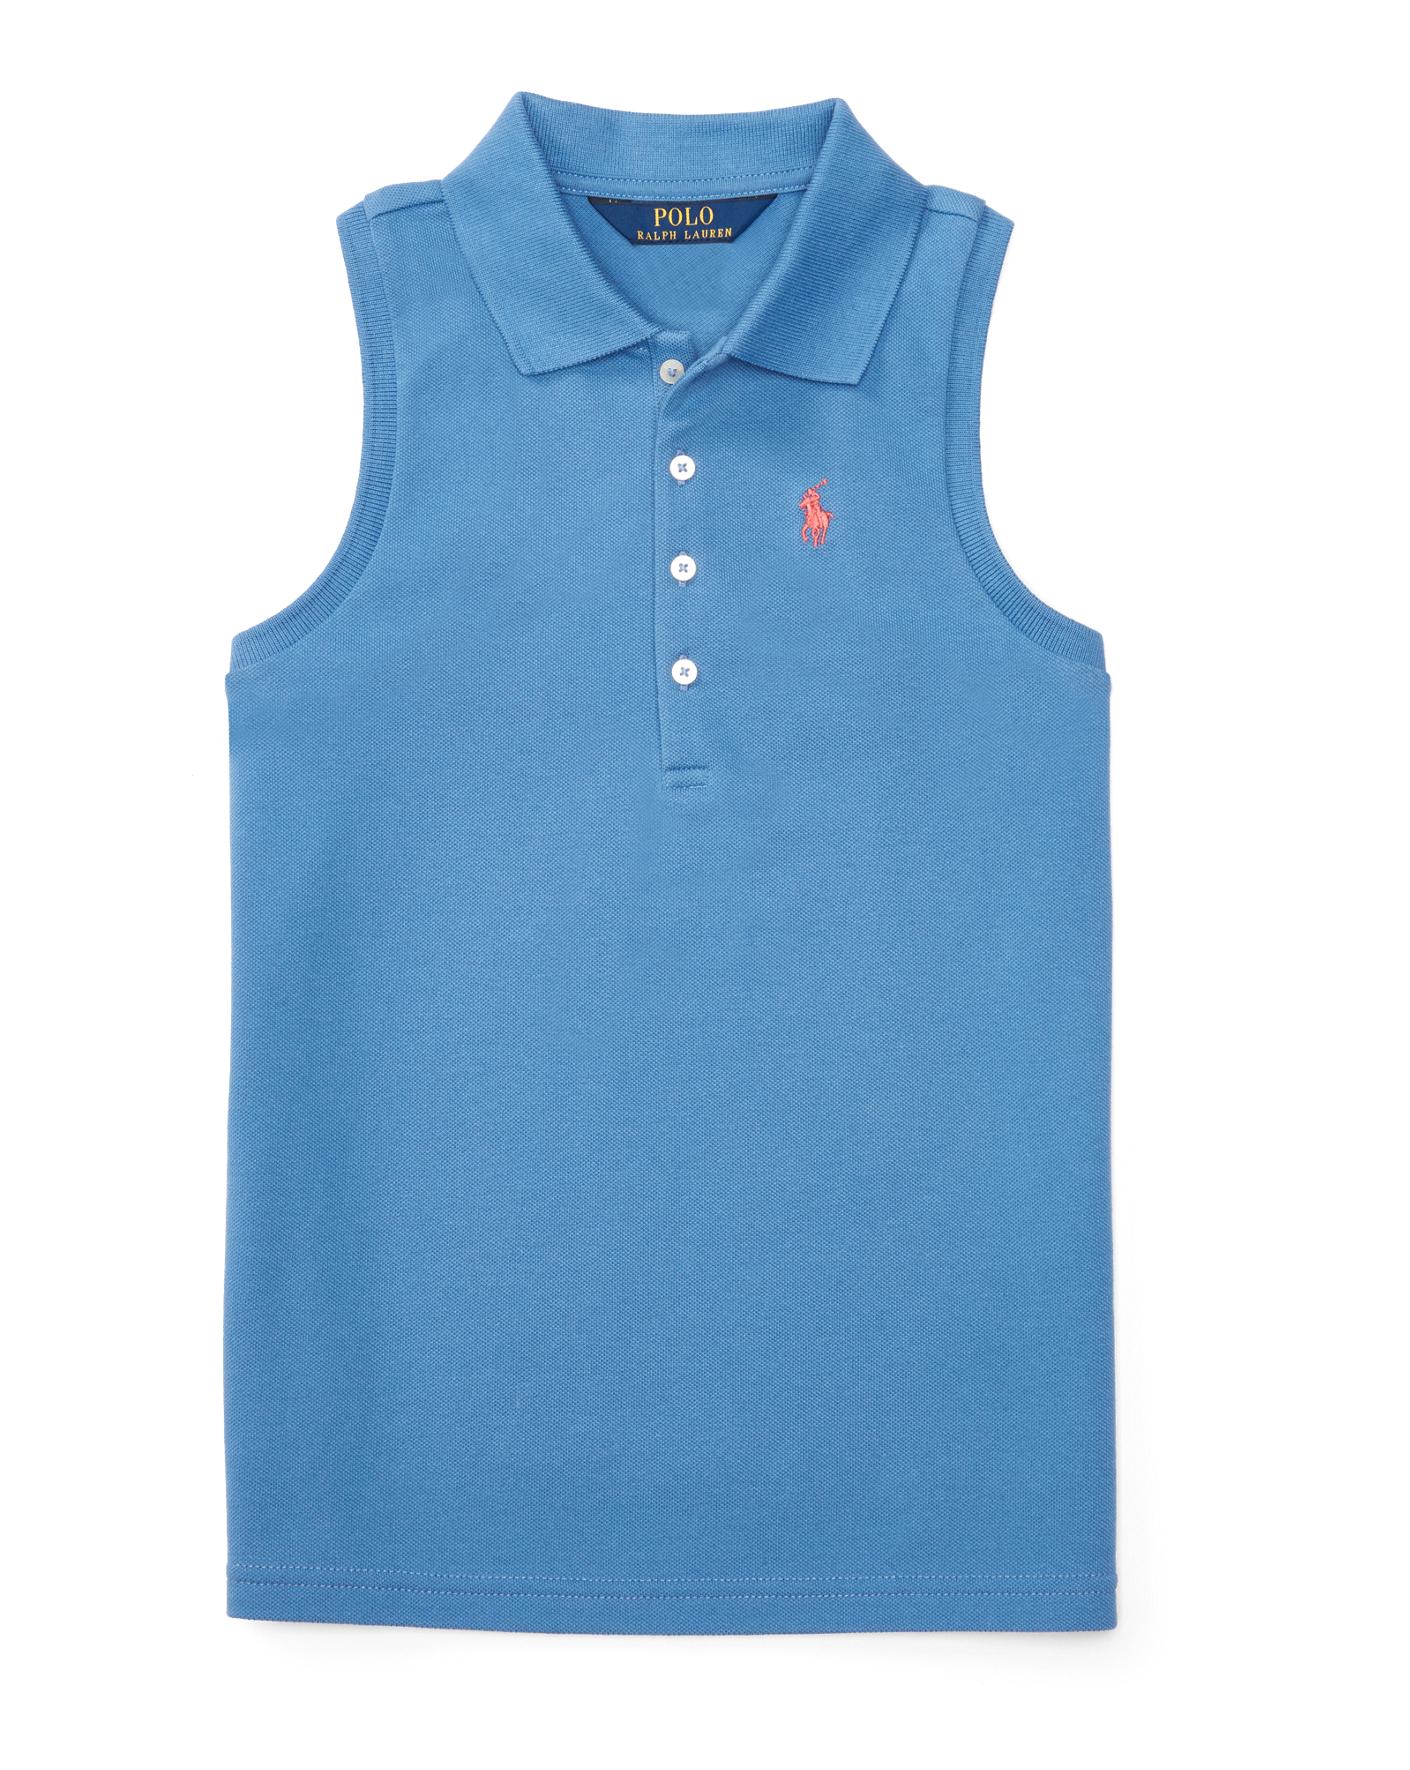 Ralph lauren polo bedding for girls - Stretch Sleeveless Polo Shirt Girls 7 16 Short Sleeve Ralphlauren Com